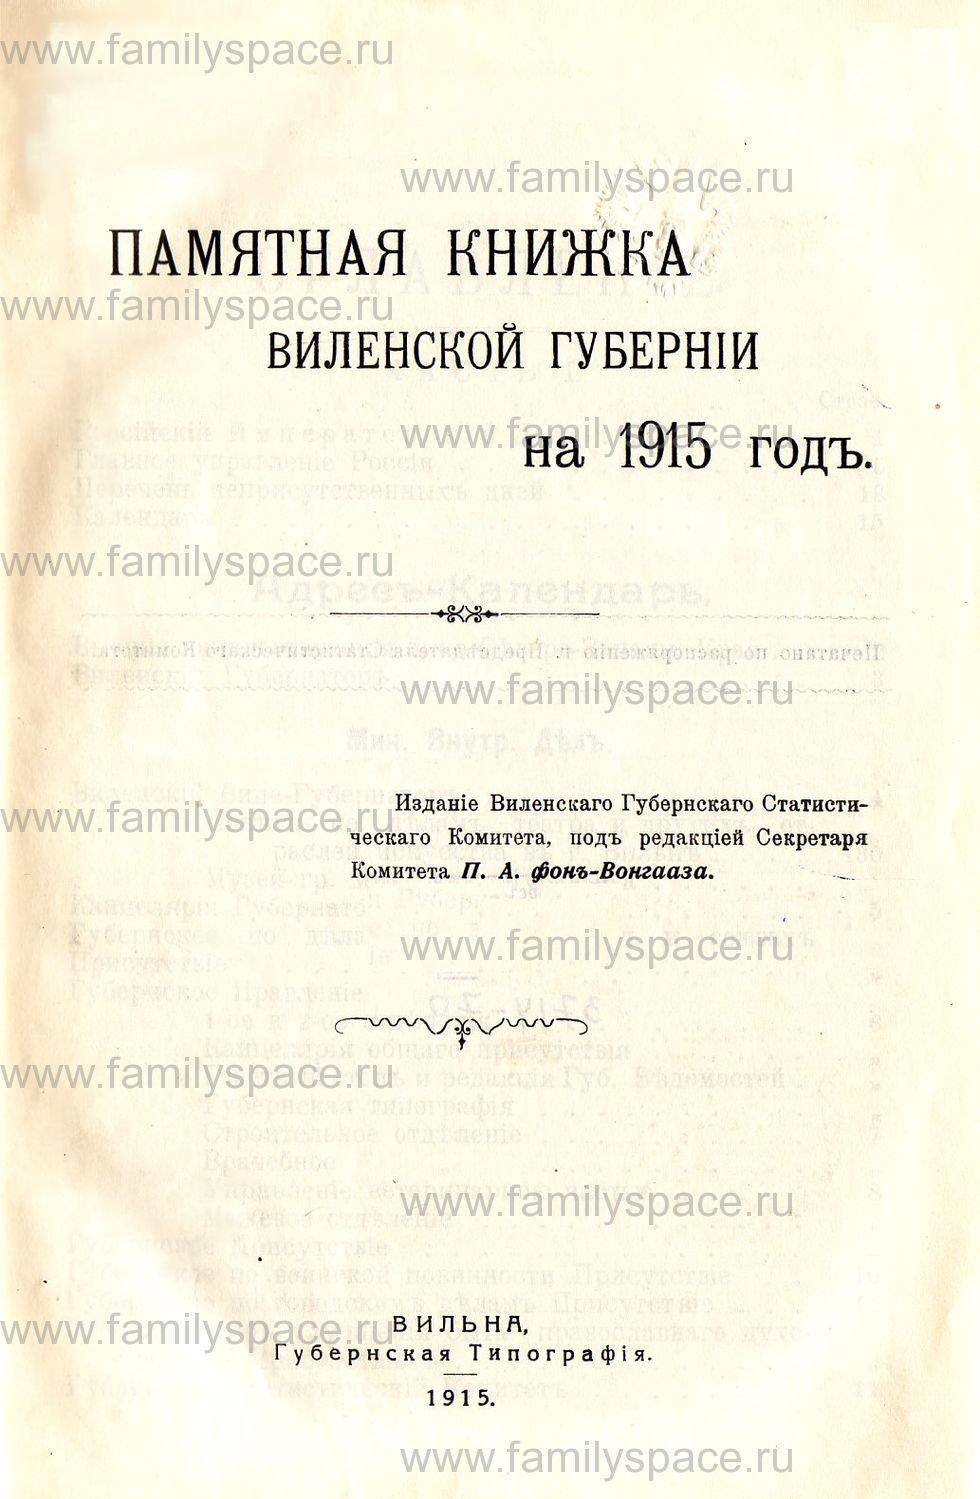 Поиск по фамилии - Памятная книга Виленской губернии на 1915 год, страница 1